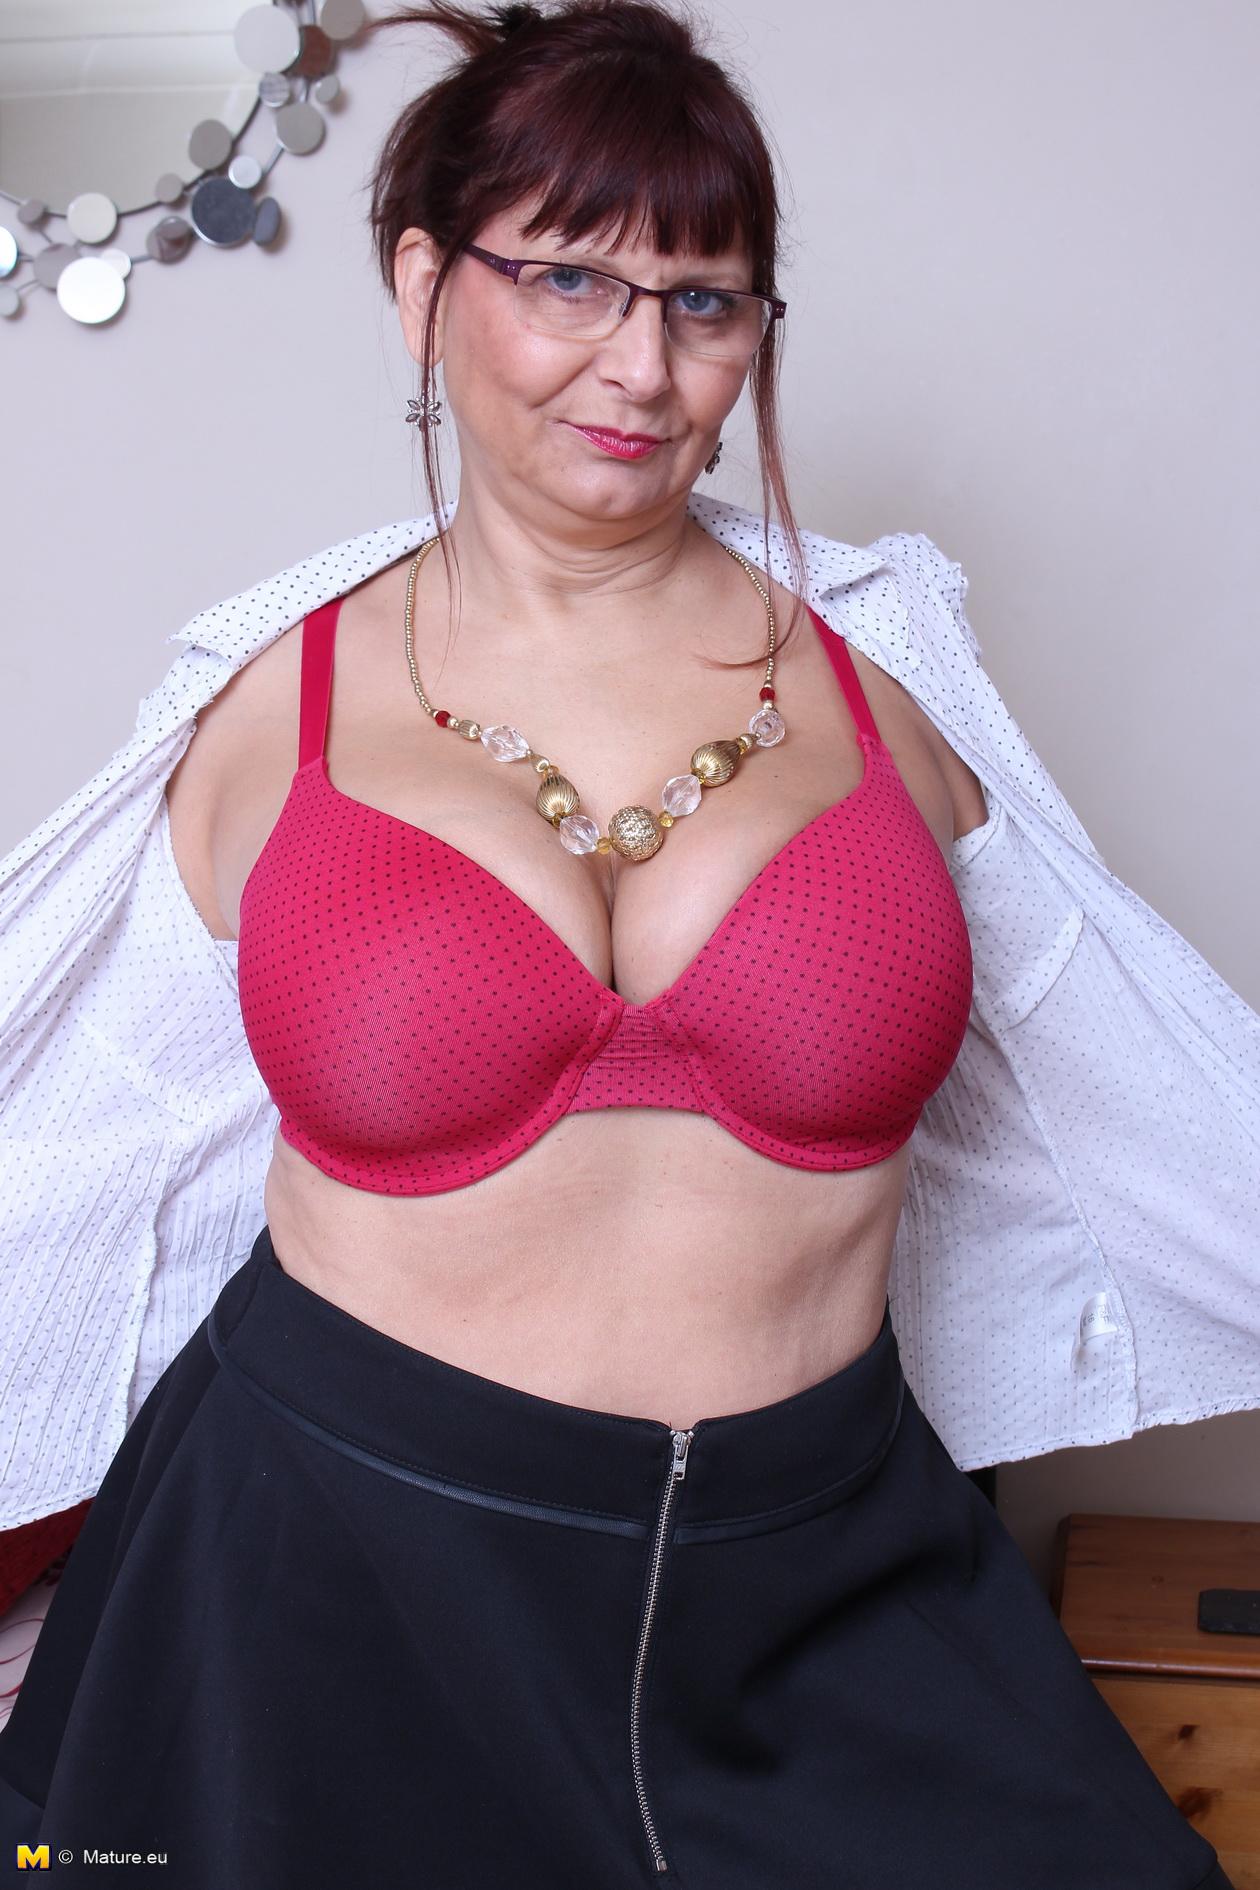 Curvy Mature Big Tits - British Mature Curvy Big Tits - Free Sex Images, Hot Porn Pics and Best XXX  Photos on www.carbonporn.com